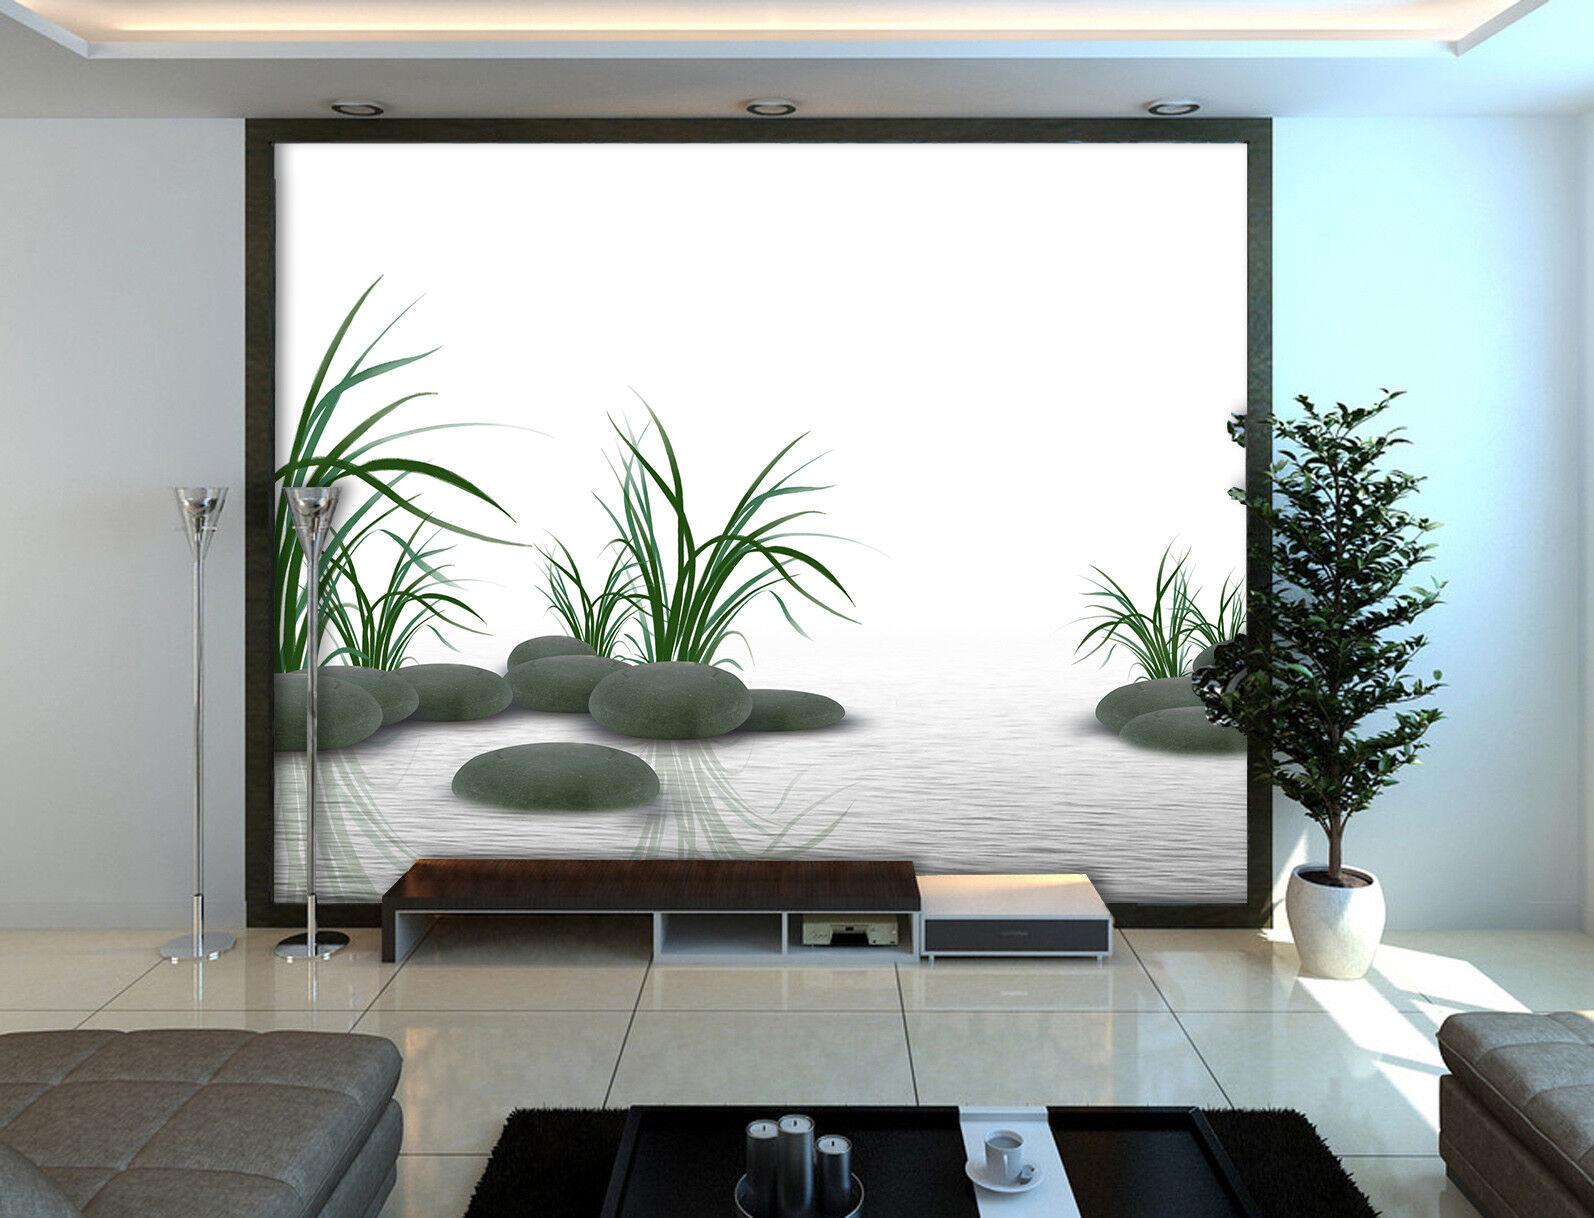 3D Gras Felsen Teich 7988 Tapete Wandgemälde Wandgemälde Wandgemälde Tapeten Bild Familie DE Lemon | Klein und fein  6eb8d2